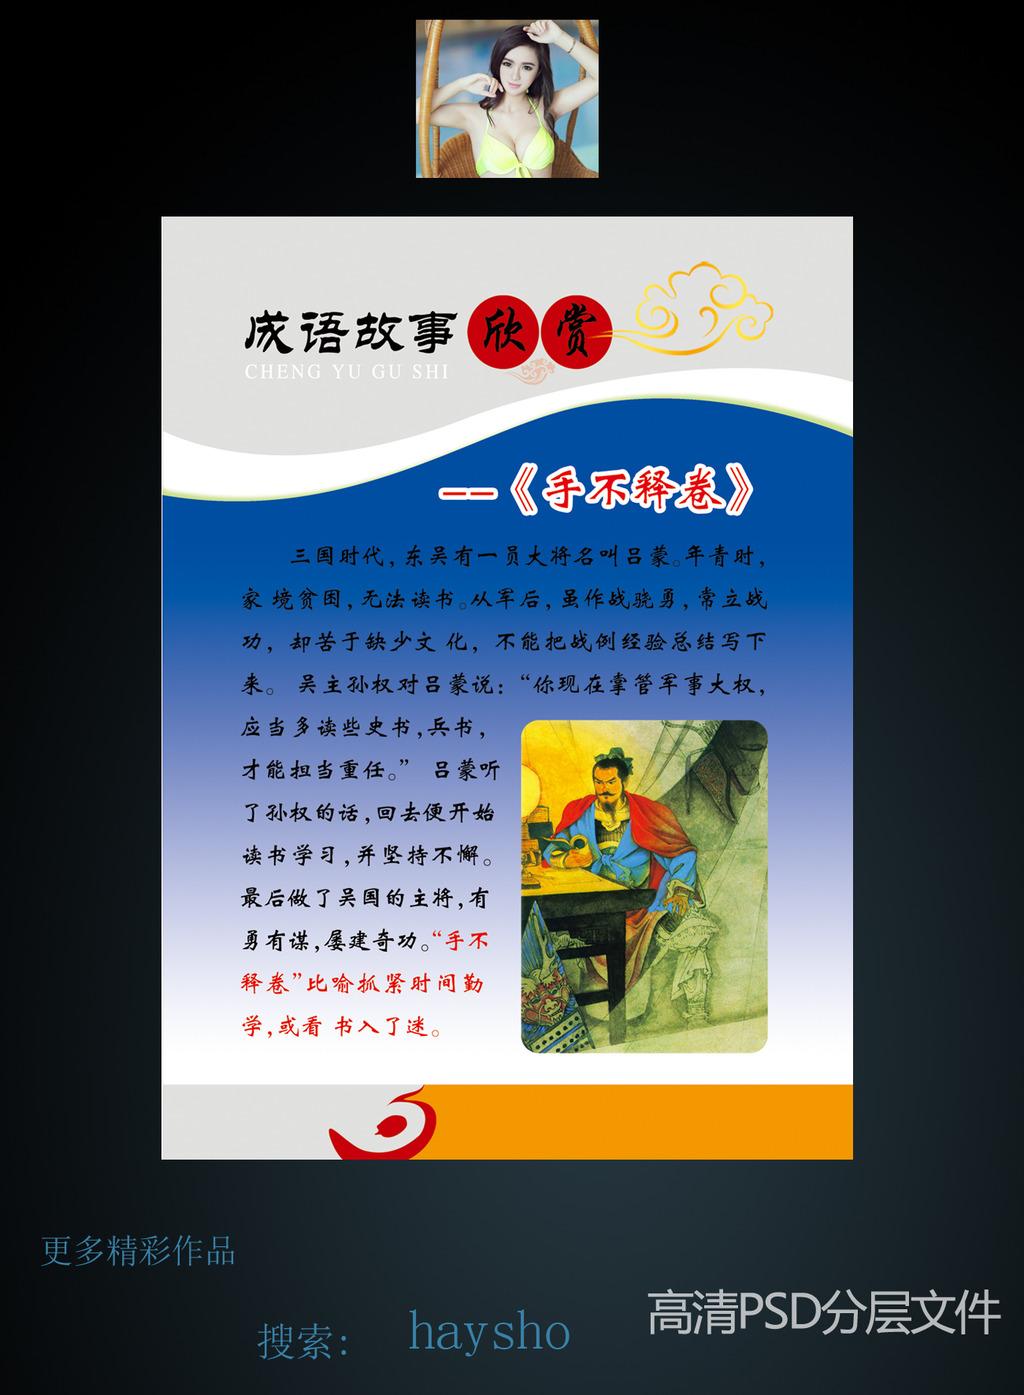 学校教育宣传海报展板模板下载(图片编号:12693609)